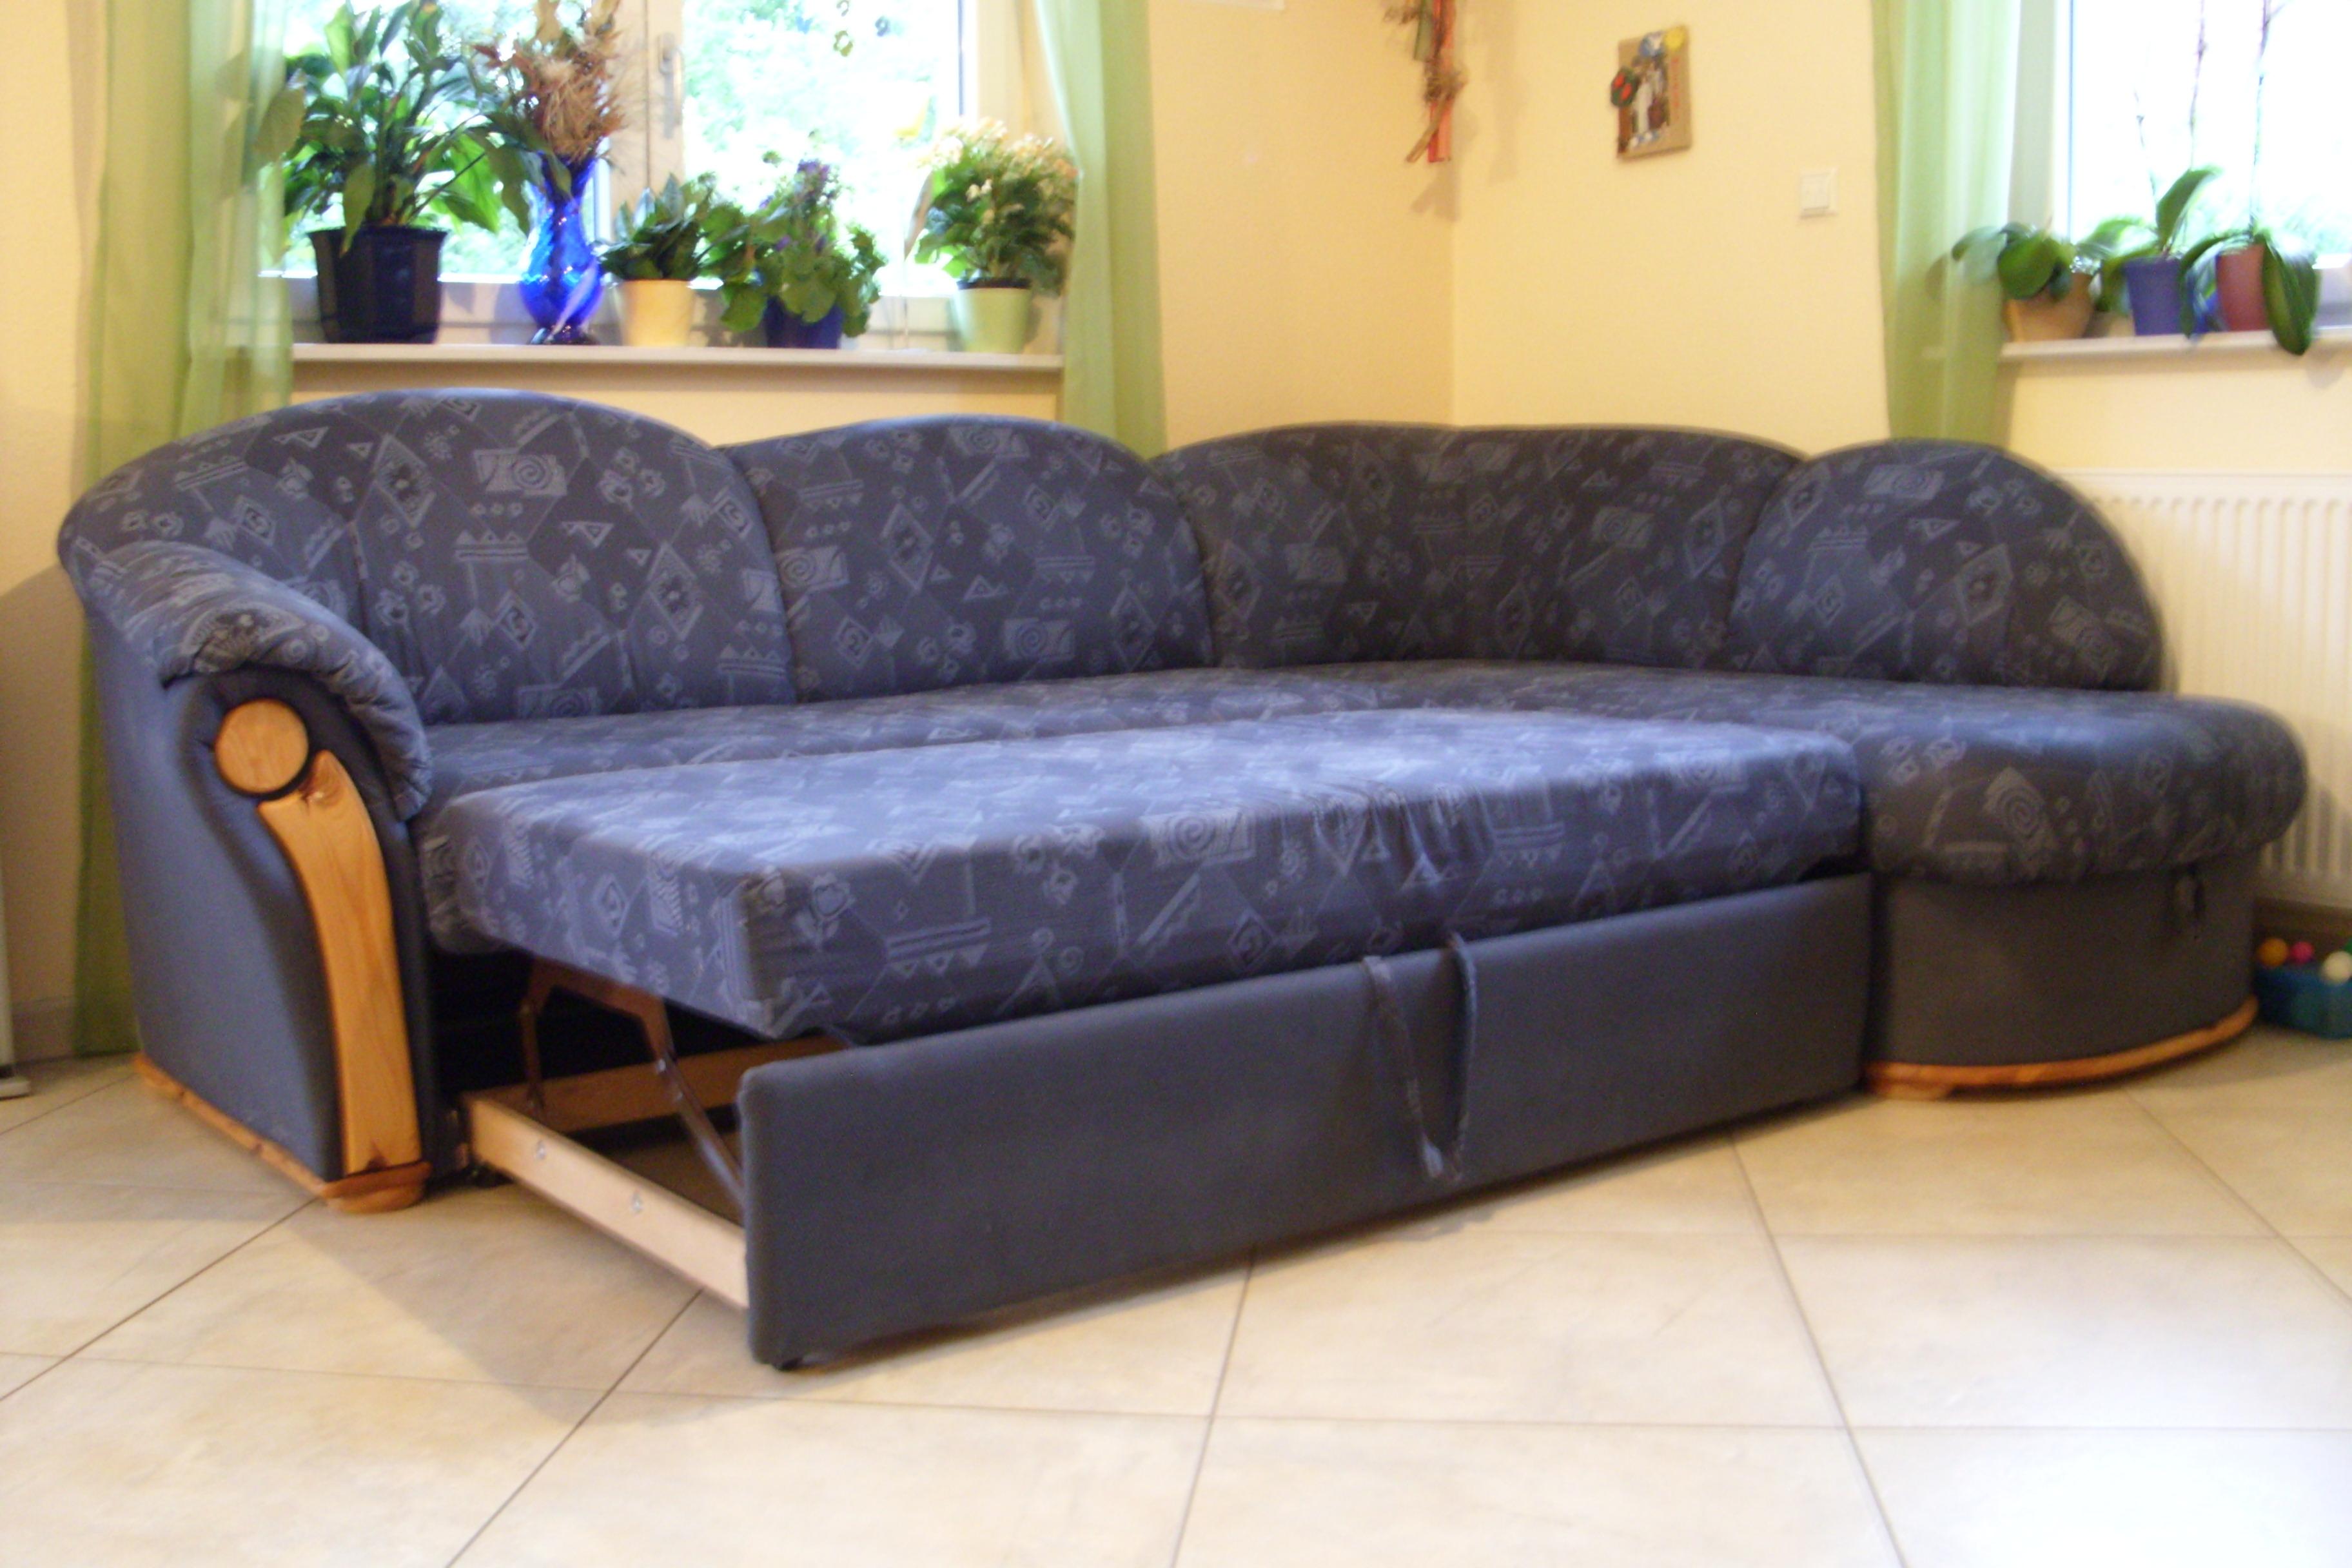 polsterecke mit schlaffunktion bettkasten in oberkirch. Black Bedroom Furniture Sets. Home Design Ideas